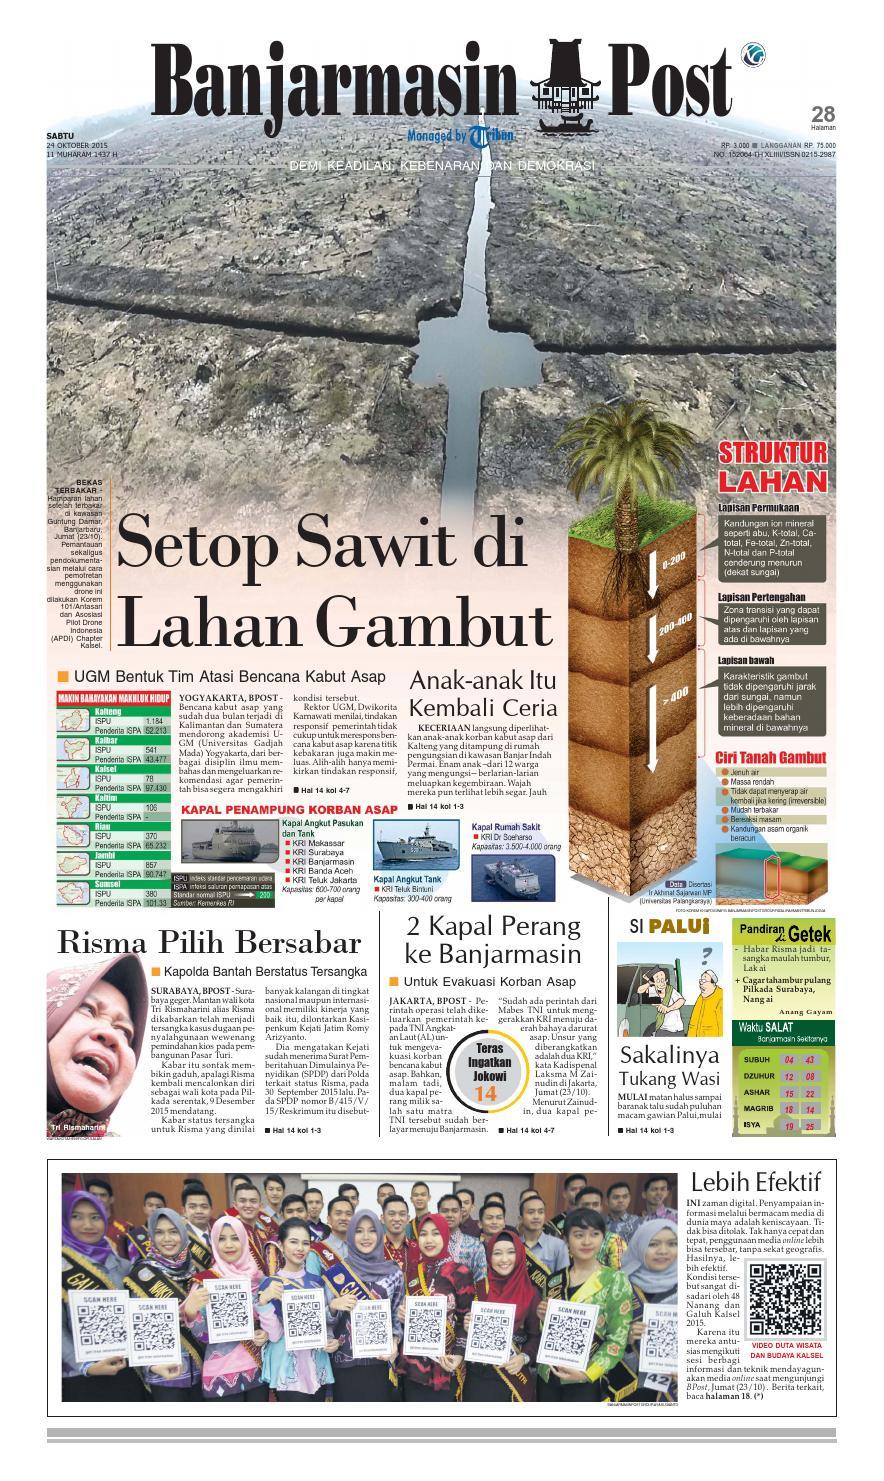 Banjarmasin Post Sabtu 24 Oktober 2015 By Issuu Produk Ukm Bumn Bale Sehat Teh Rosella Merah 3 Box